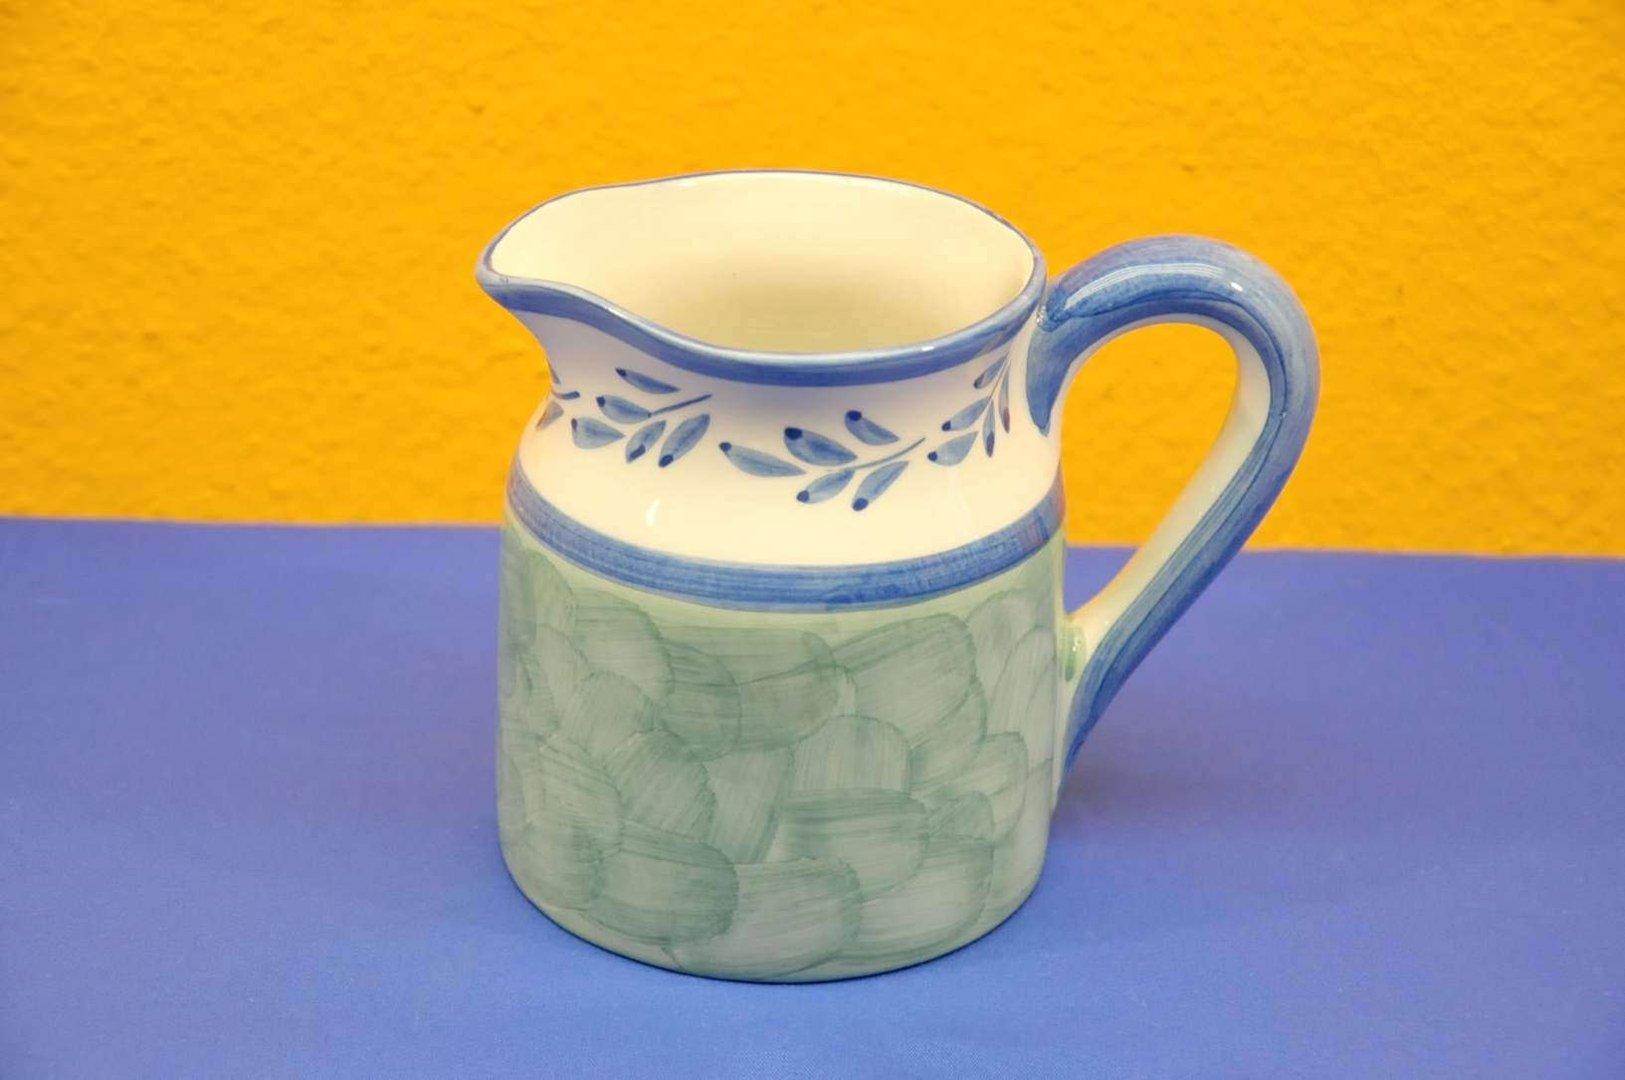 Villeroy boch gallo switch 3 milk jug buy at shop kusera for Gallo design villeroy boch